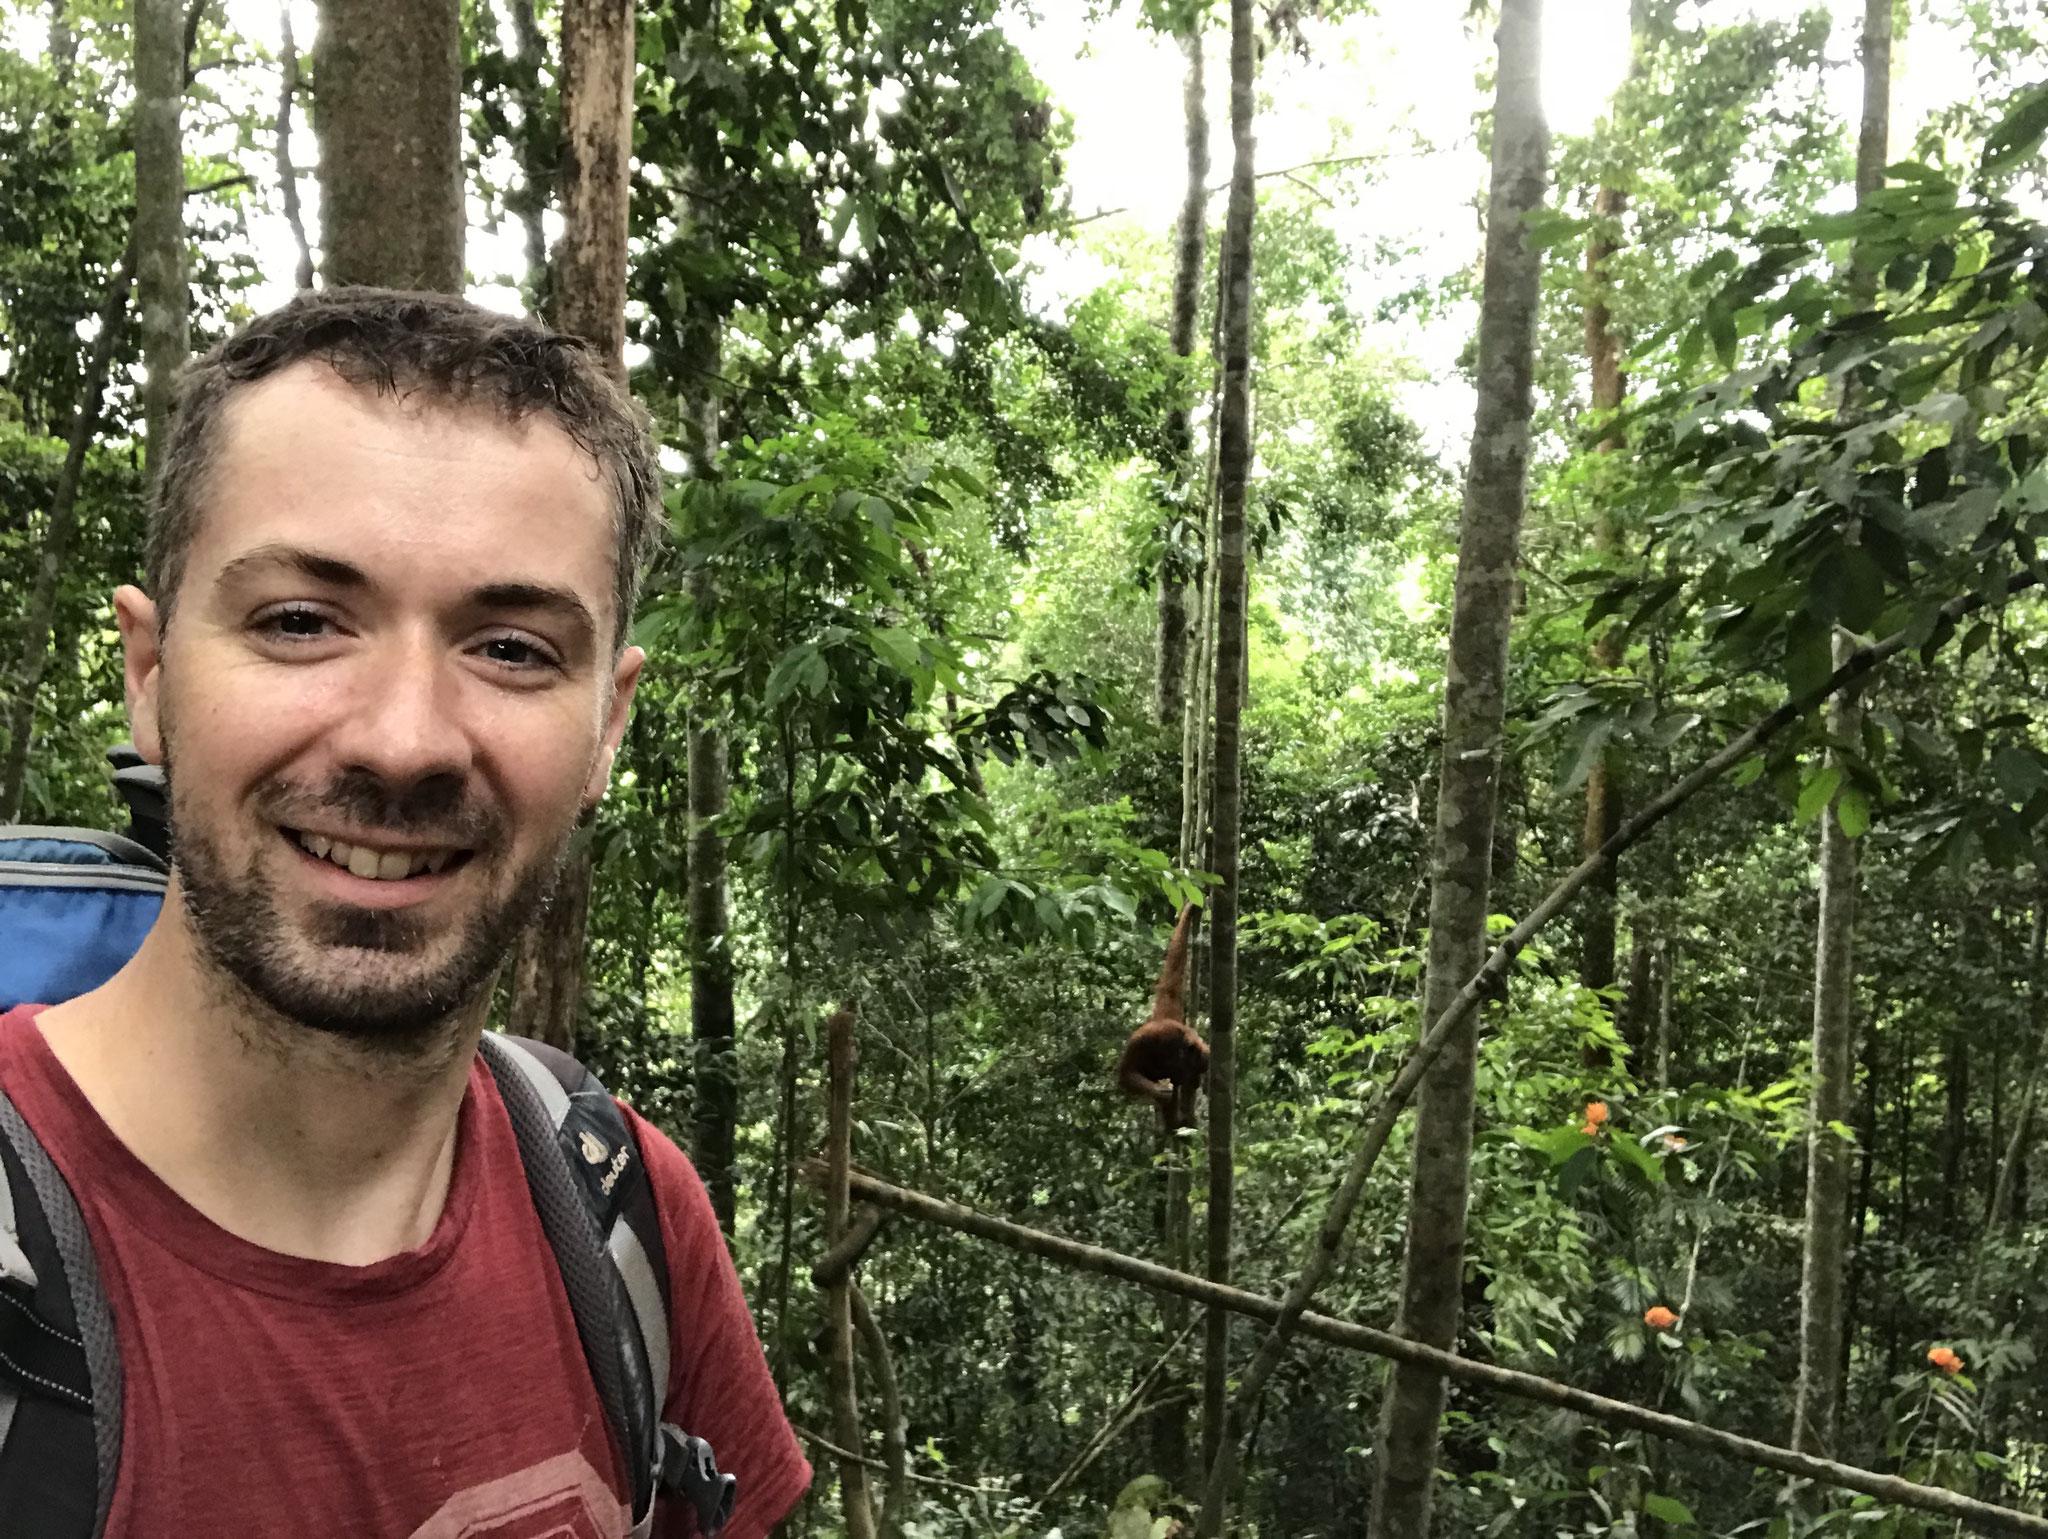 Jochen im Dschungel